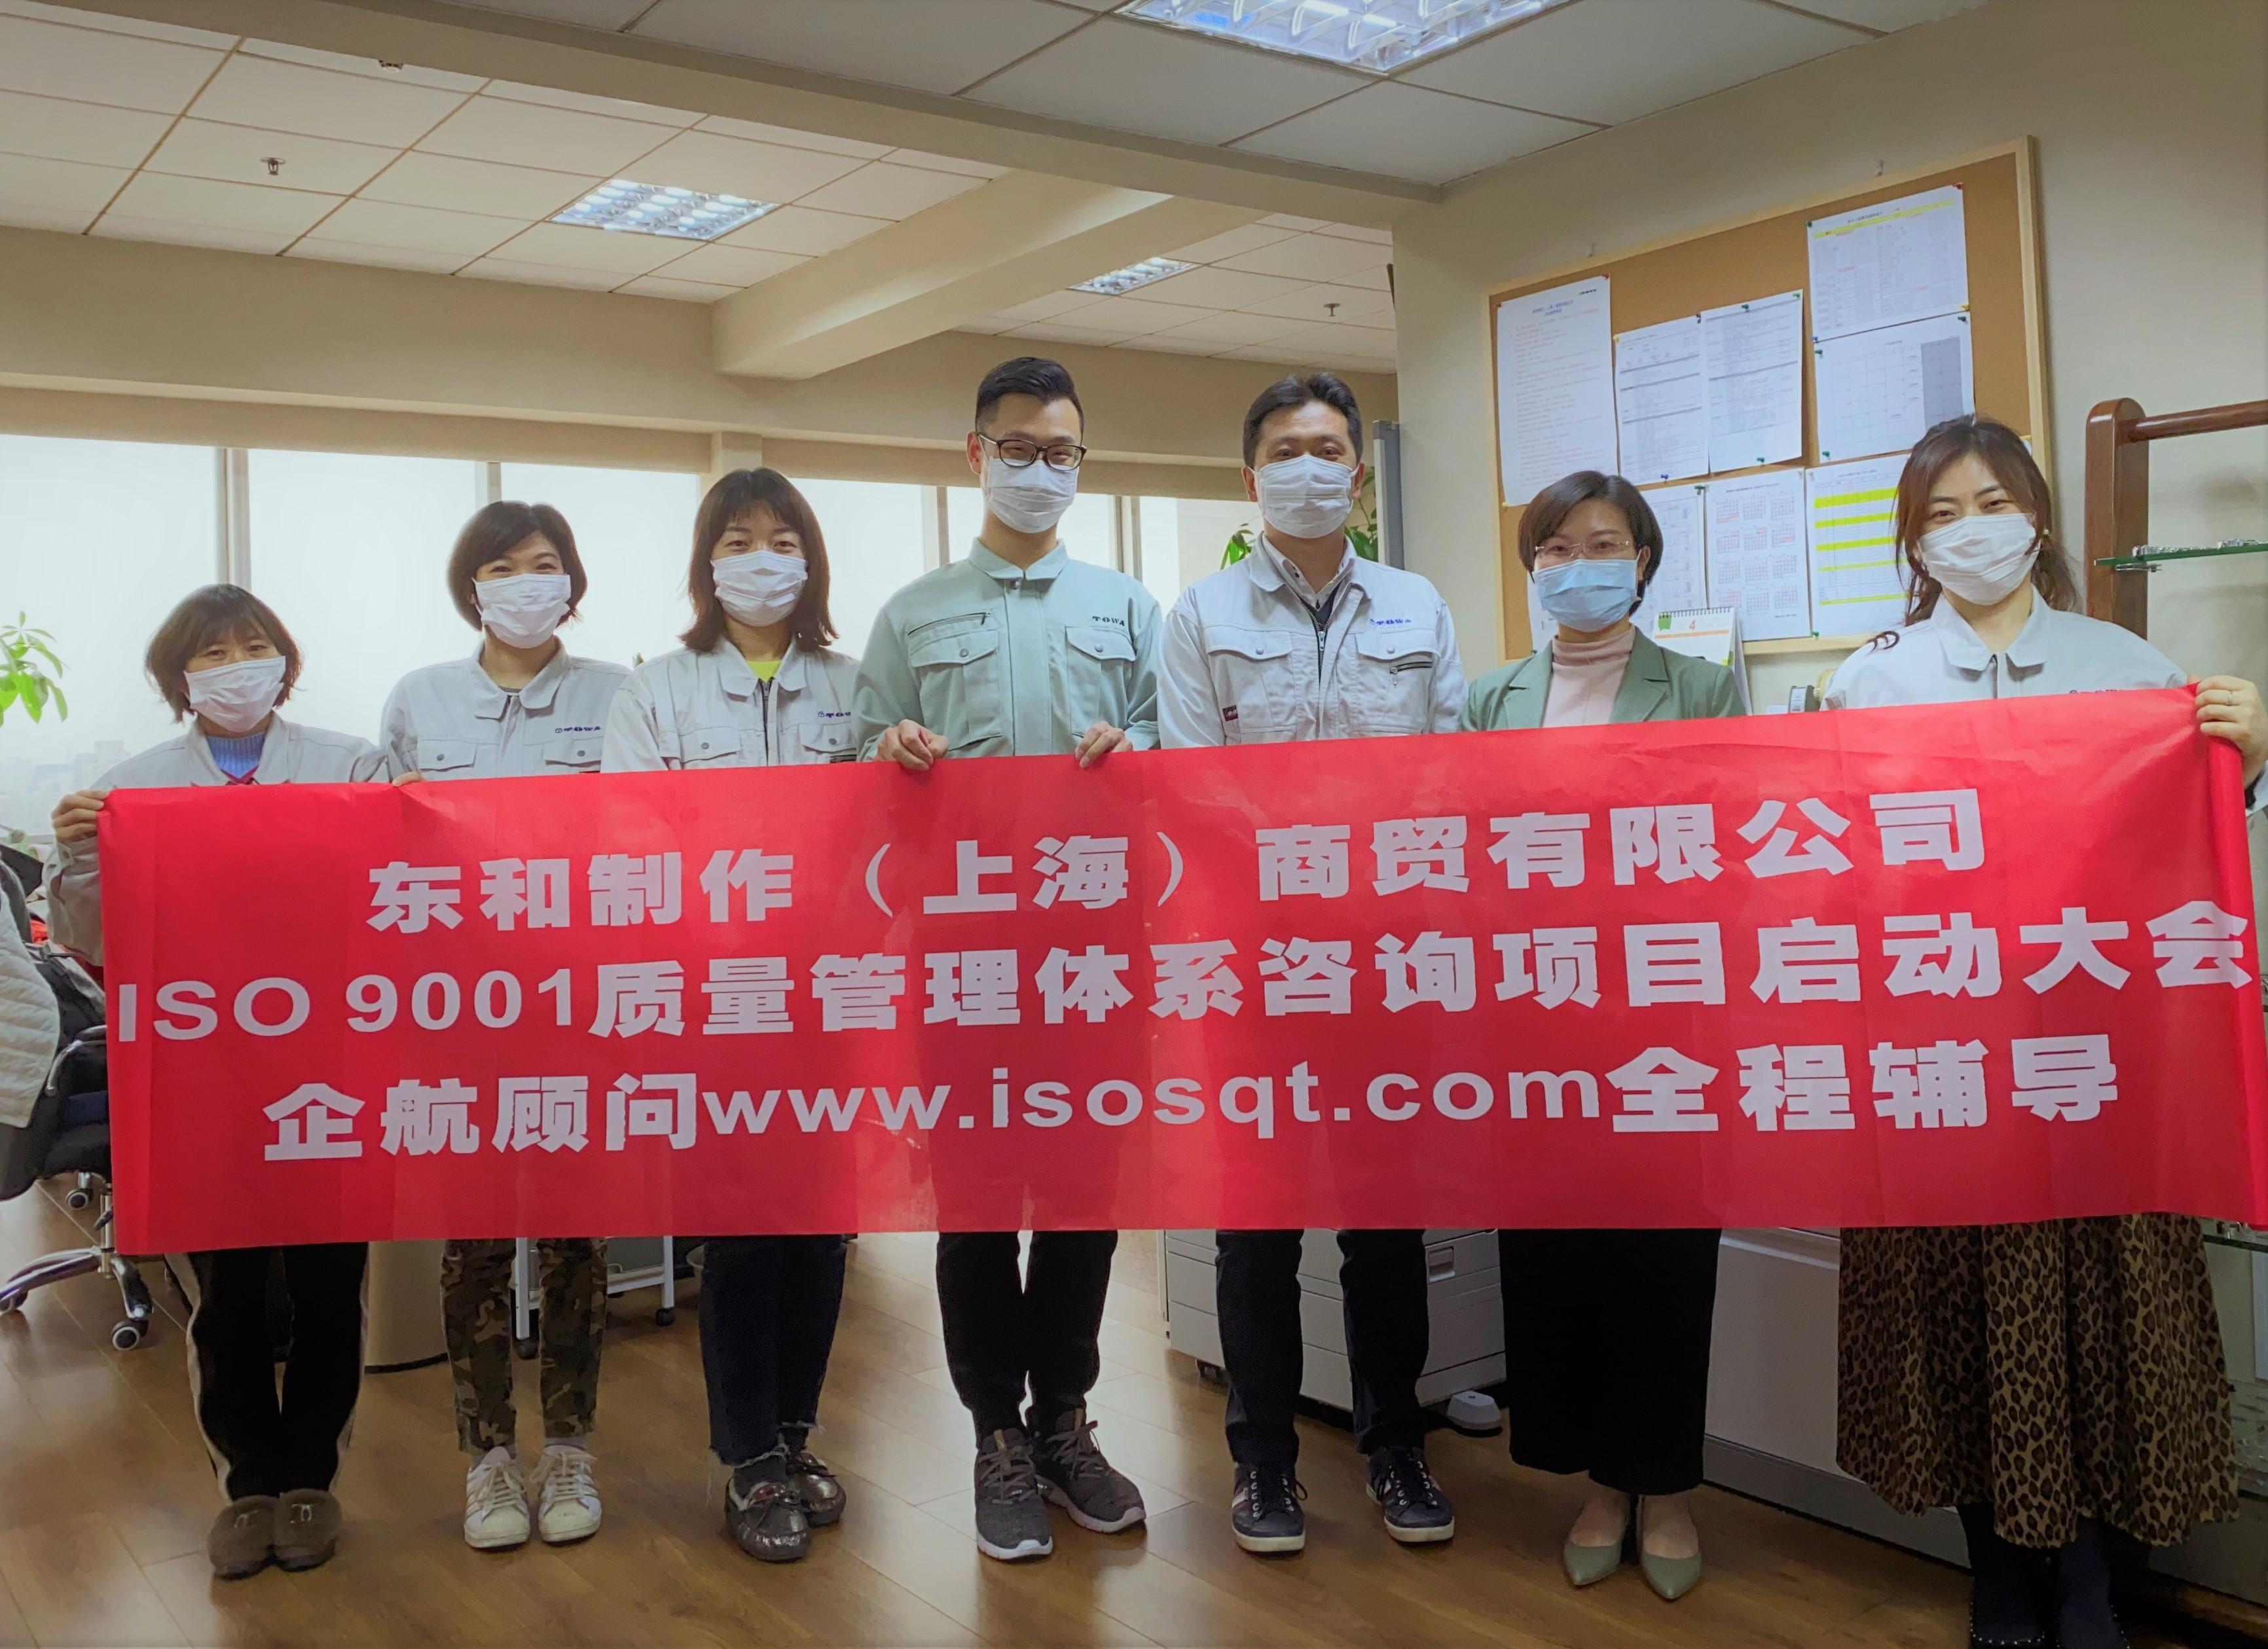 企航顧問啟動TOWA東和制作(上海)商貿有限公司ISO 9001:2015質量管理體系咨詢項目